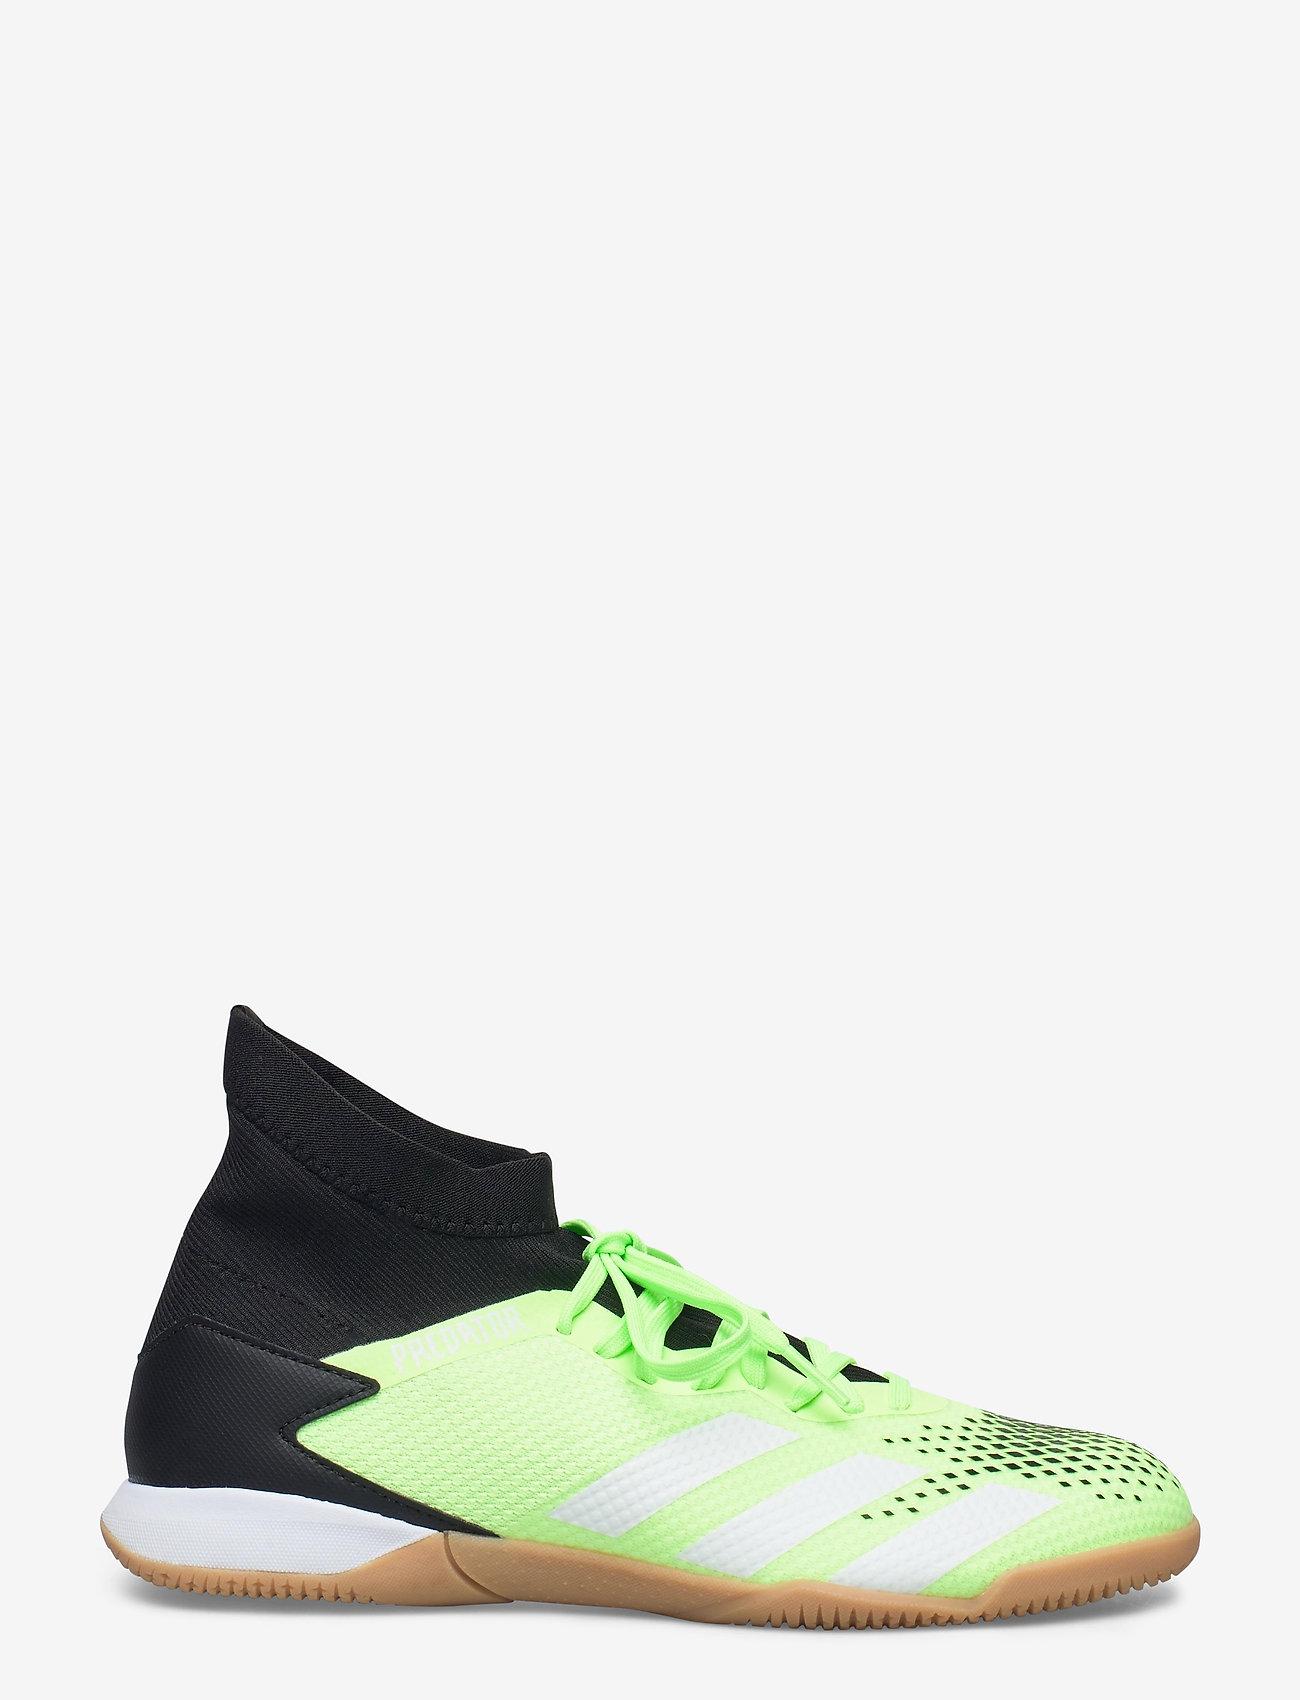 adidas Performance - PREDATOR 20.3 IN - fodboldsko - siggnr/cblack/ftwwht - 1